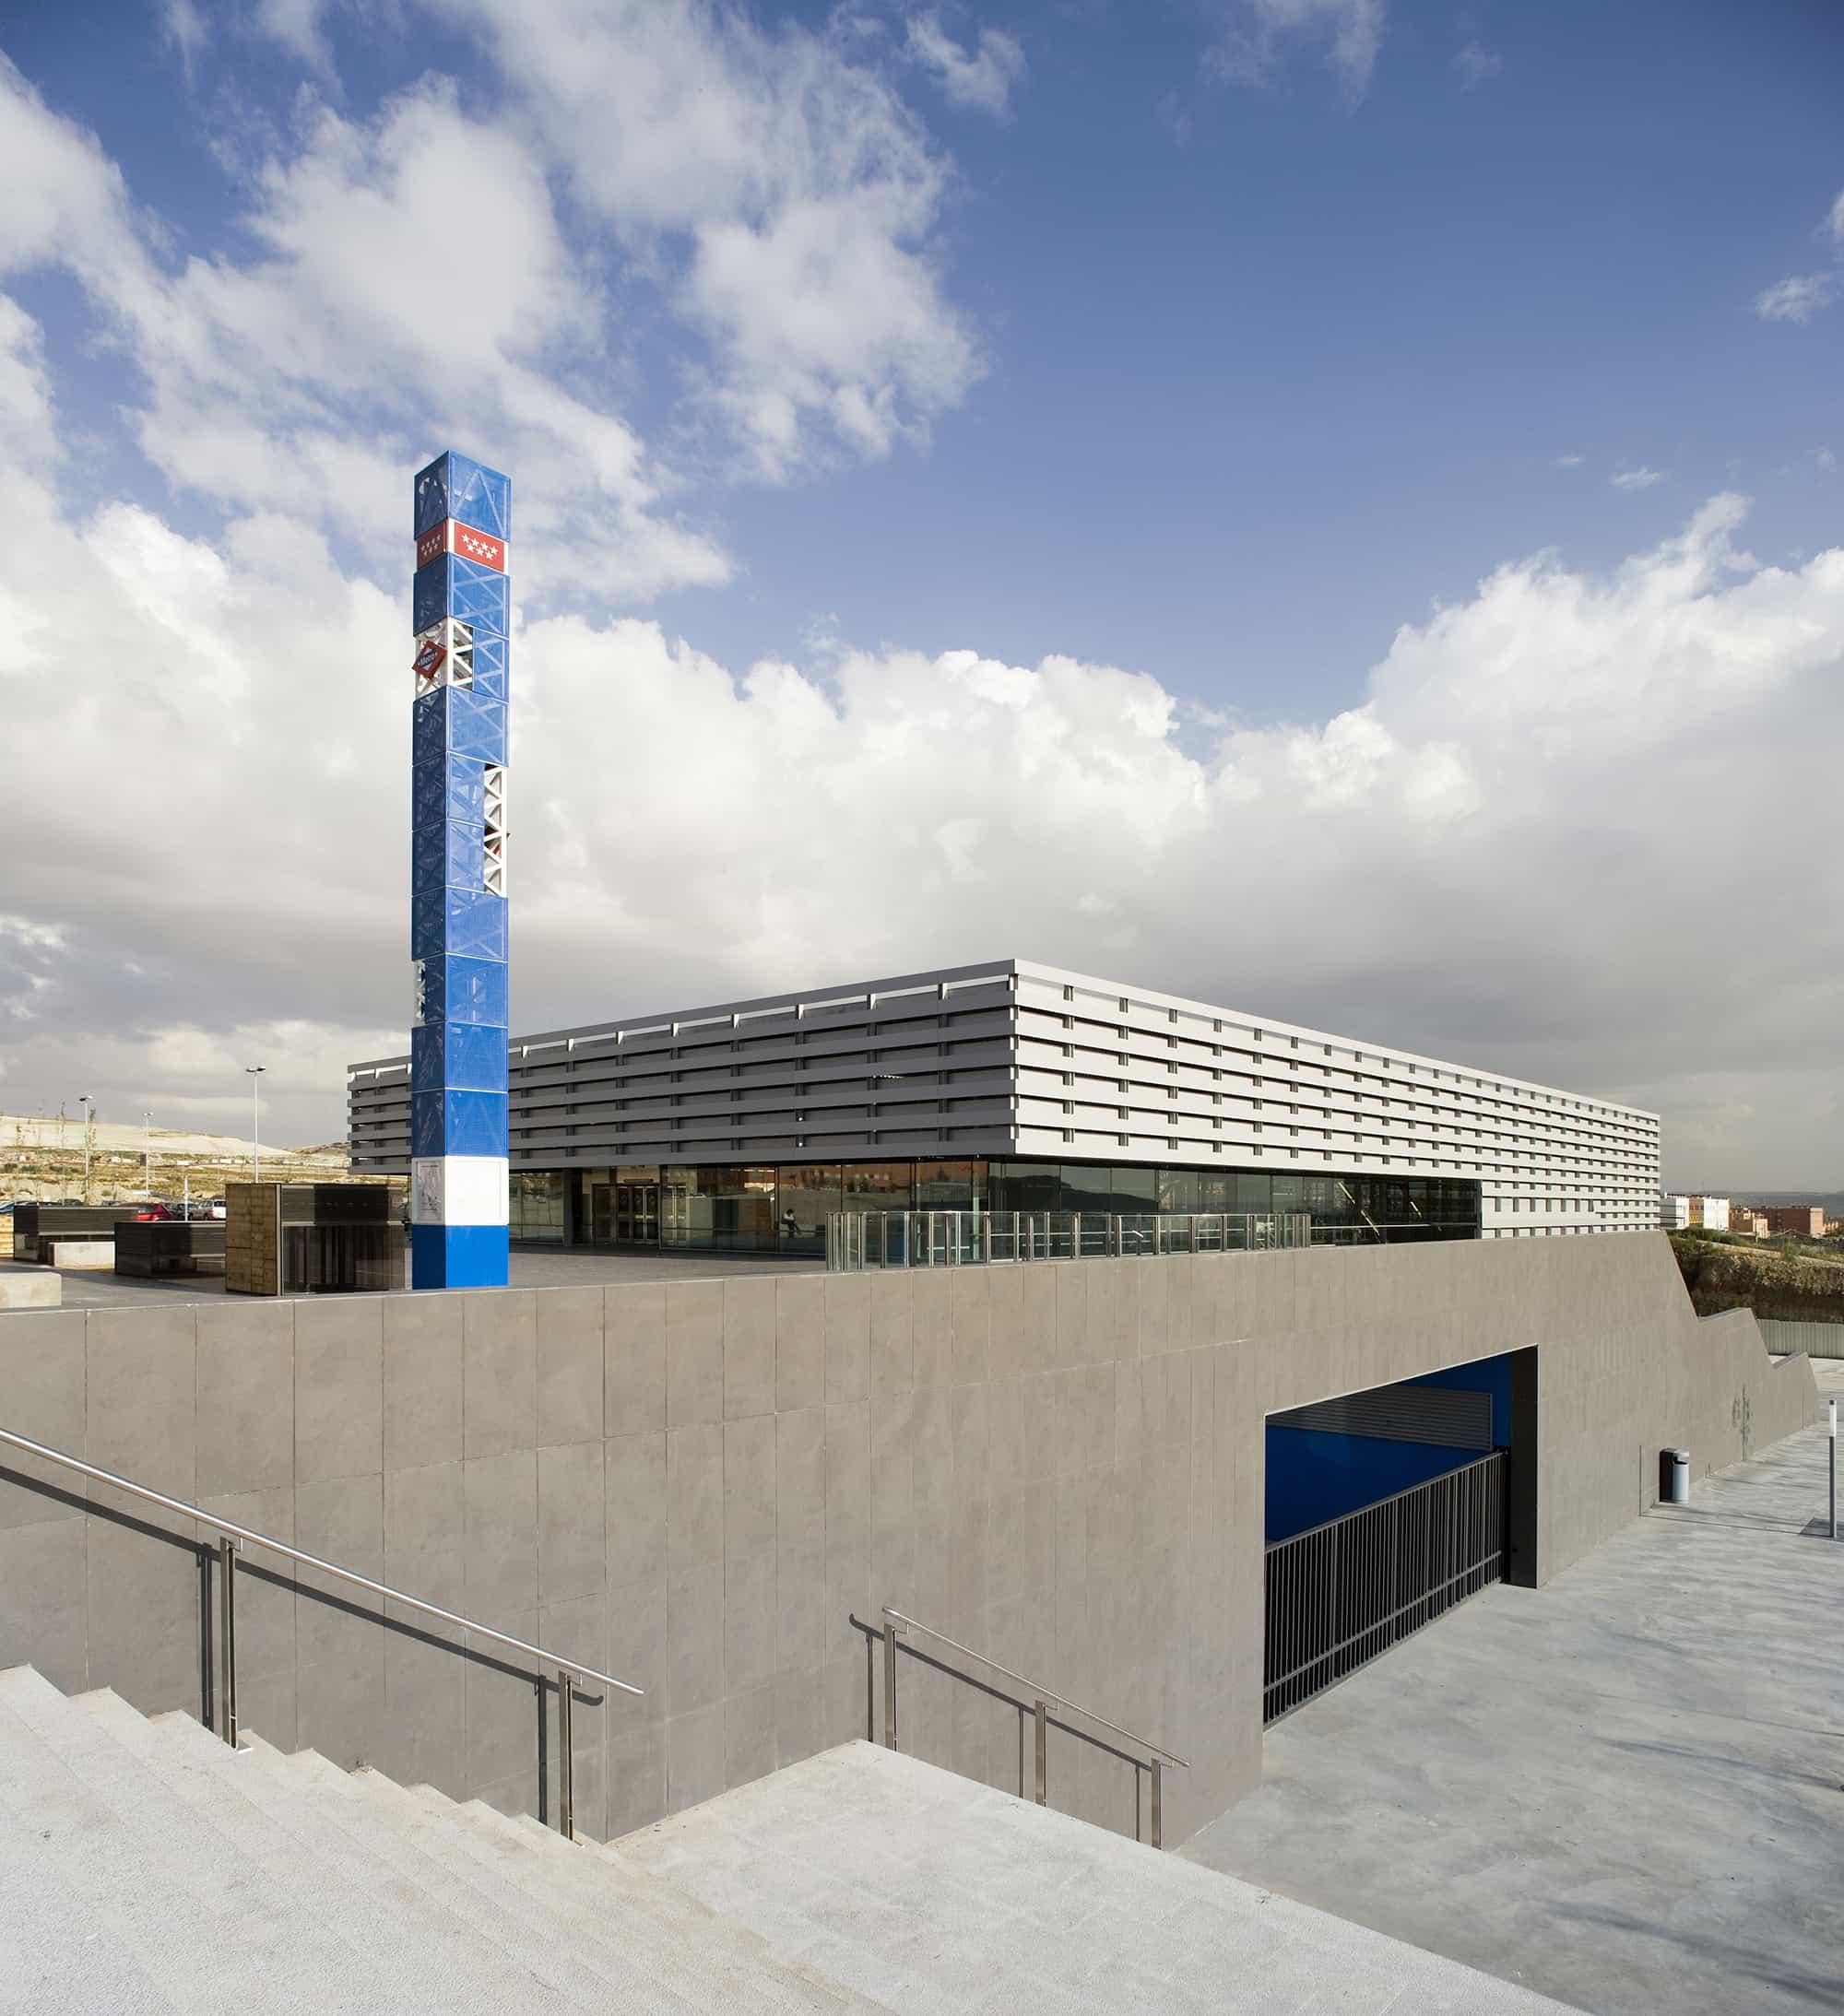 Estación METRO de Madrid - arquitectura transporte - Estación METRO de MADRID_LGV+LANDINEZ+REY | equipo L2G arquitectos, slp [ eL2Gaa ]